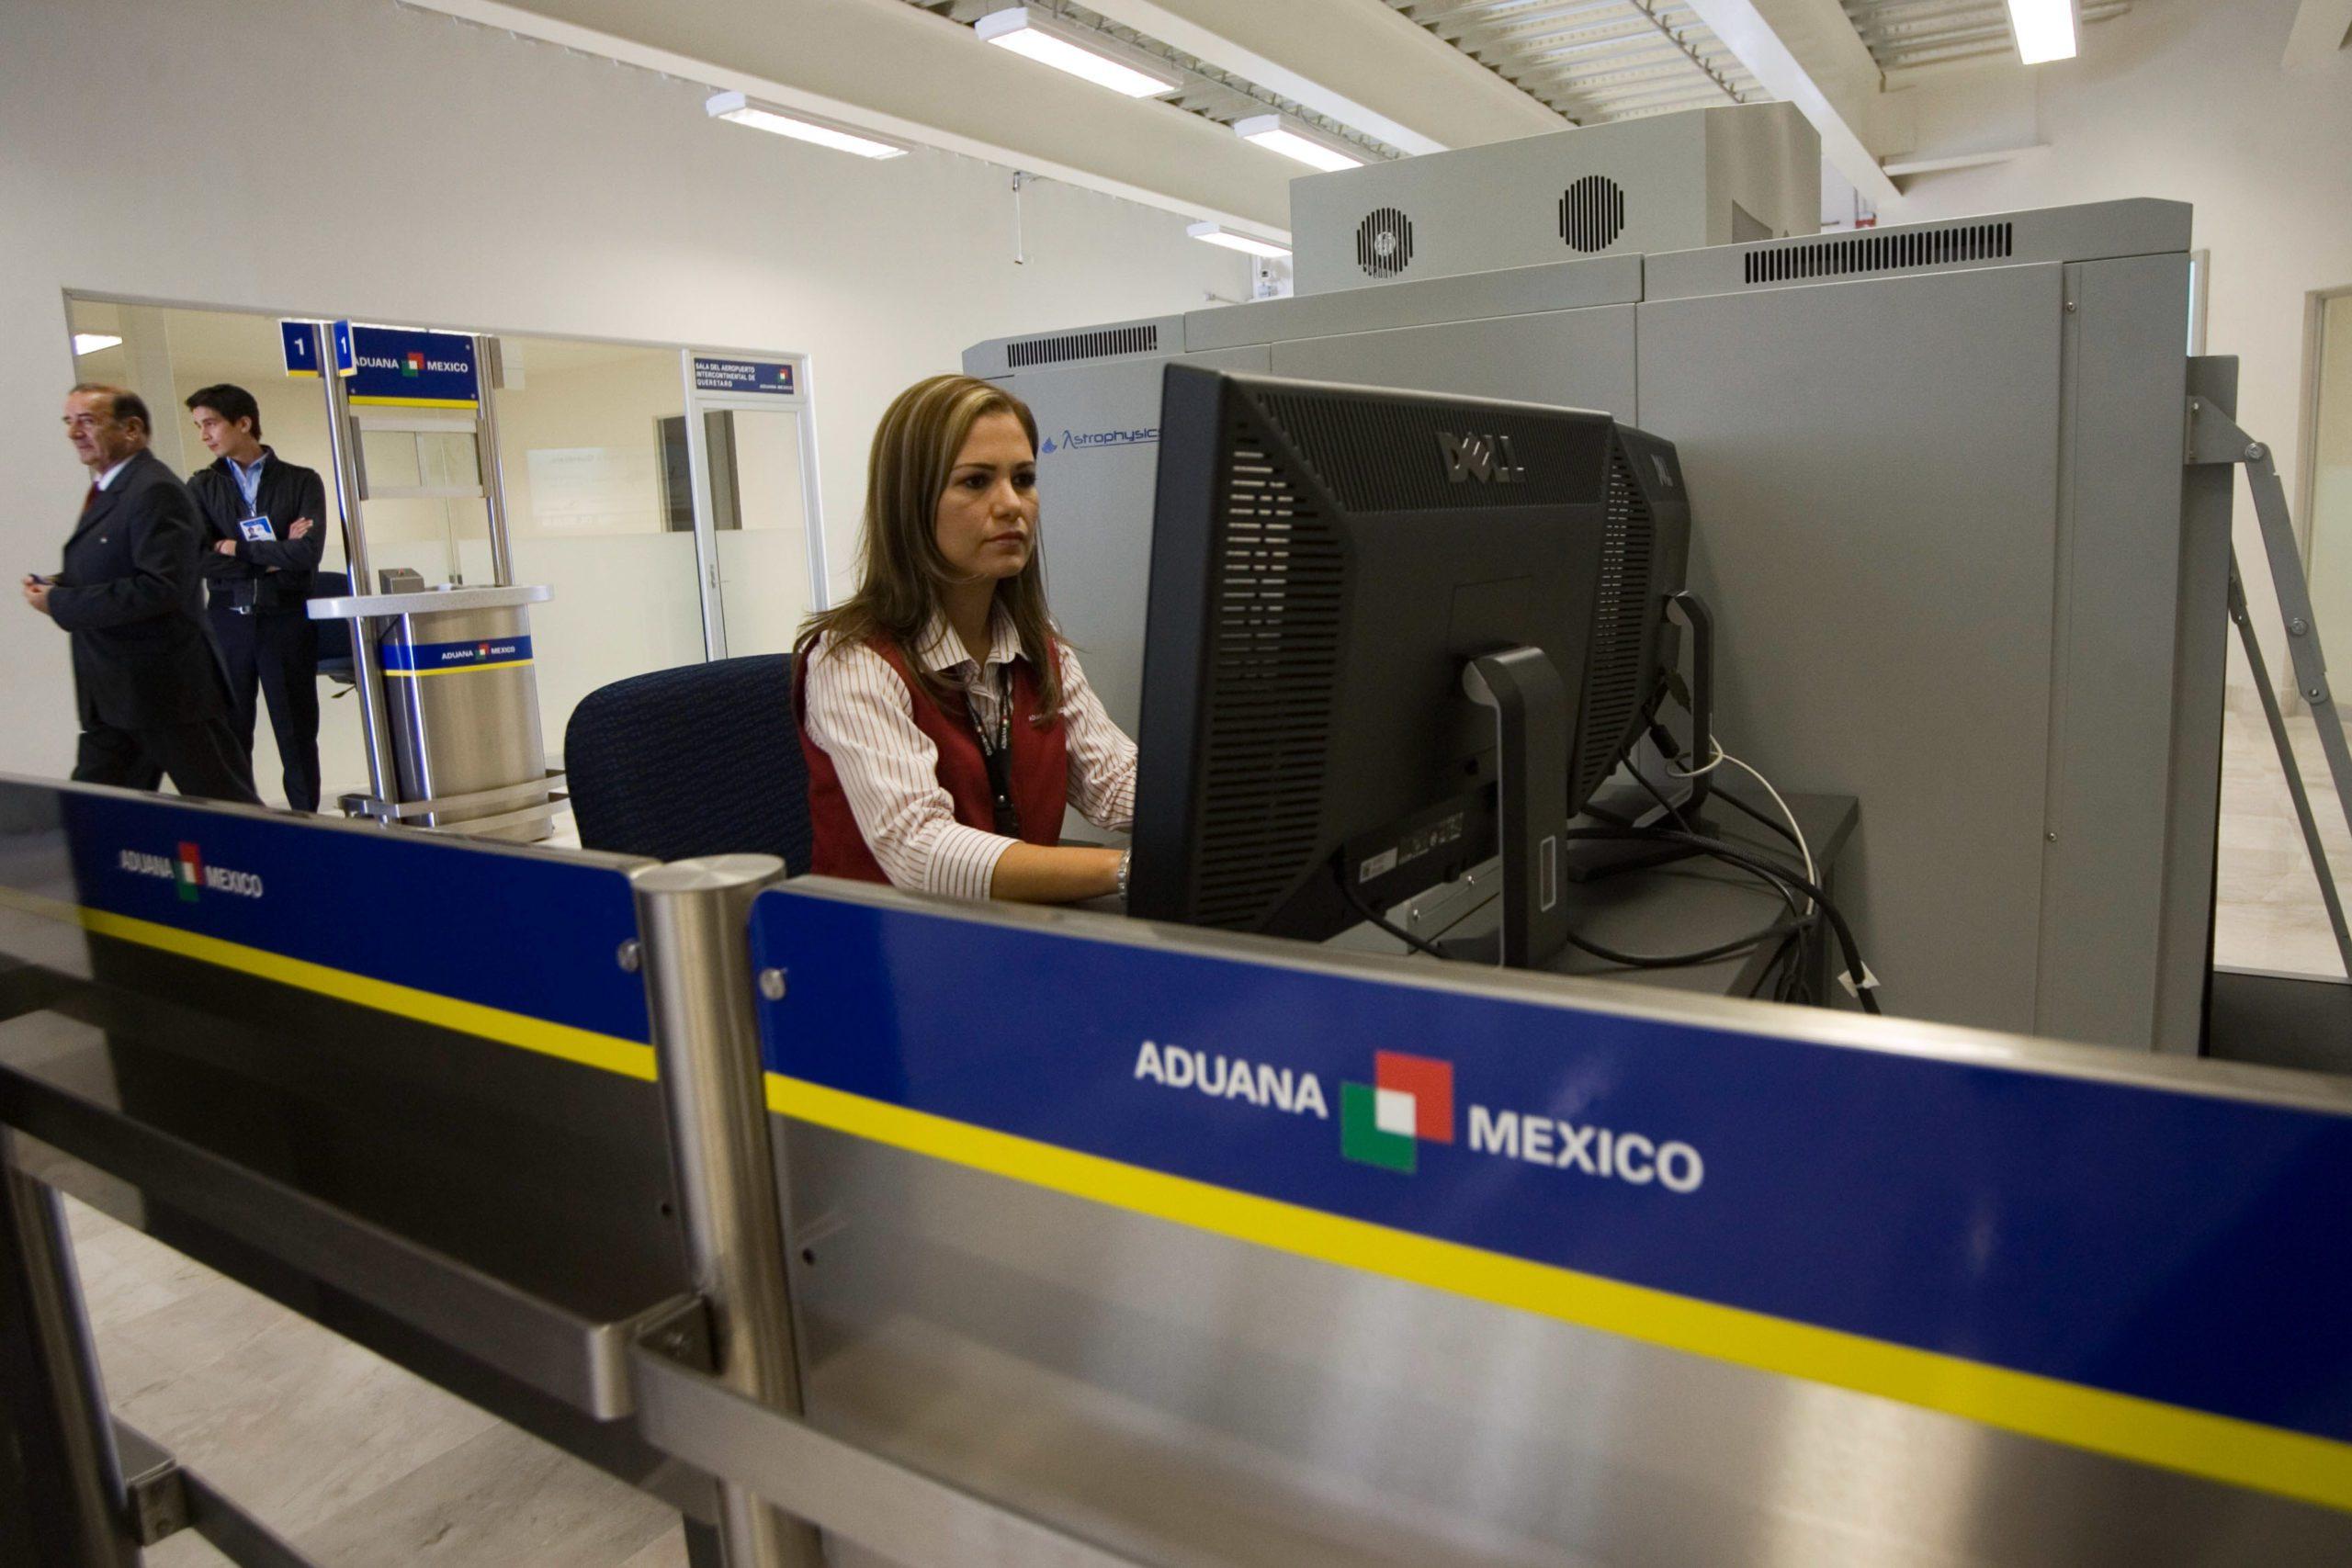 Env An Iniciativa Para Armar A Agentes De Aduanas Y